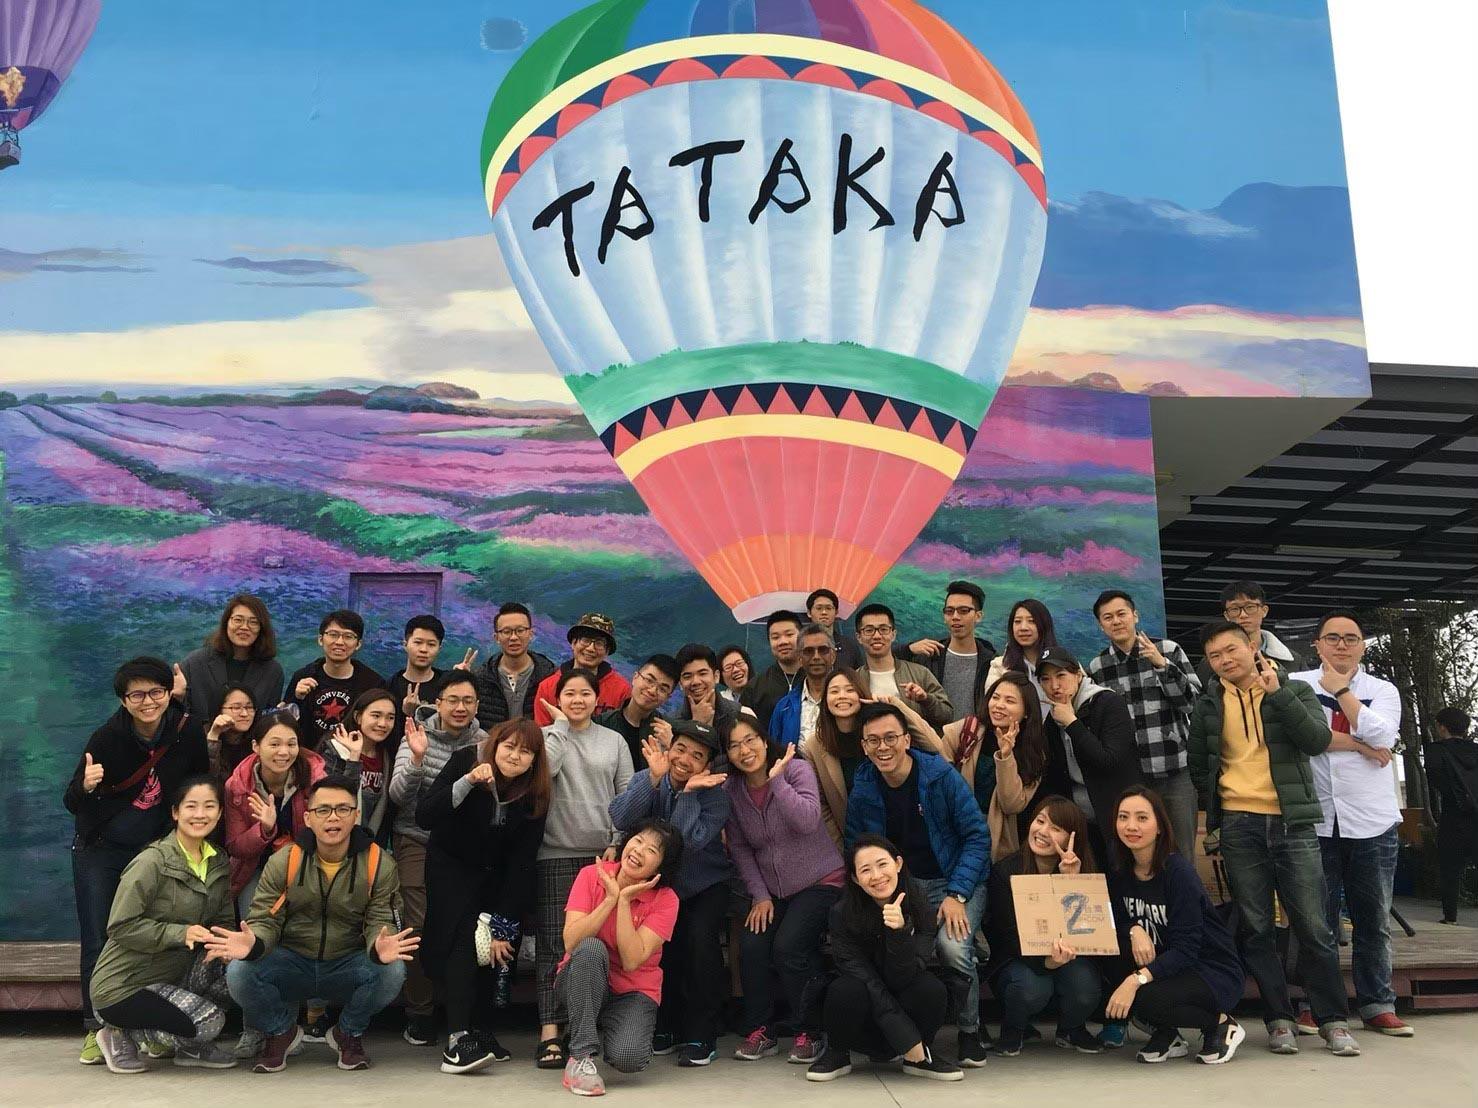 塔塔佳渡假會館